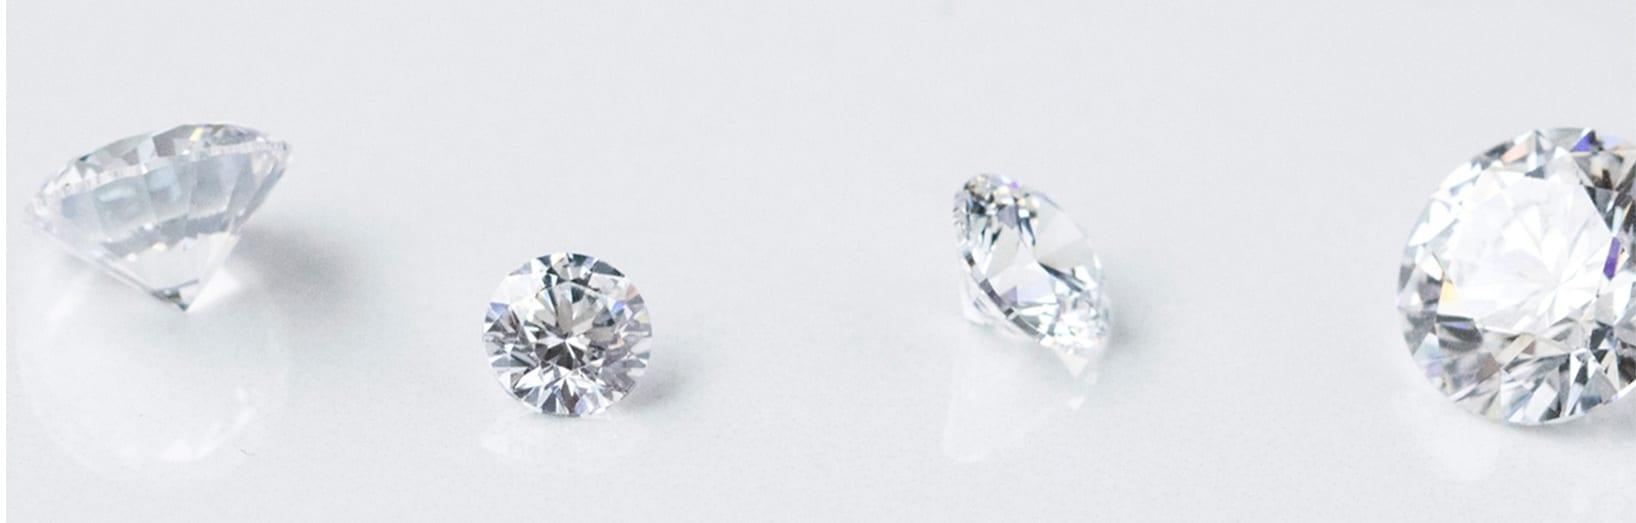 Four loose Nexus Diamond™ alternatives